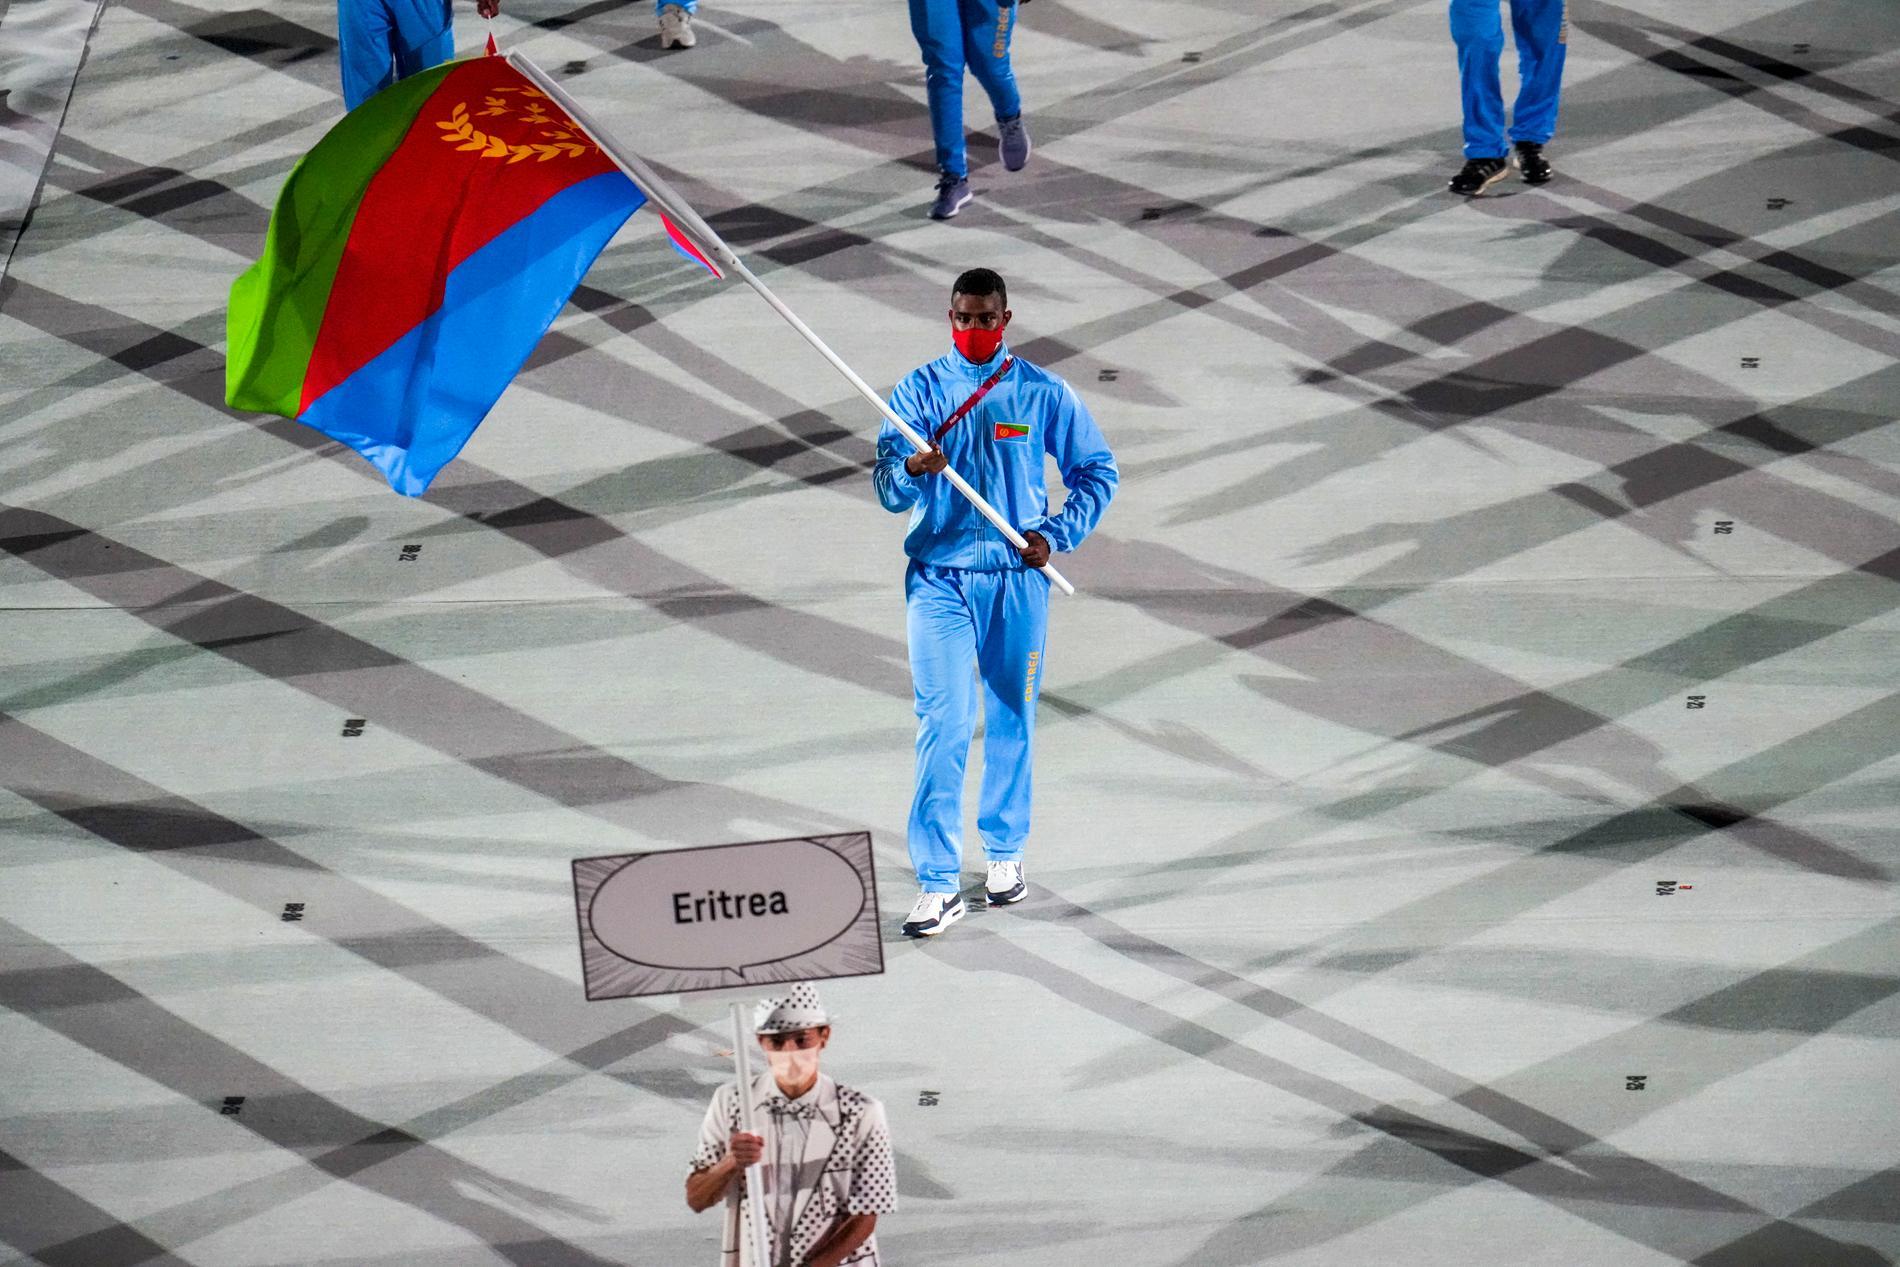 Eritreas fanbärare Efrem Ghirmai vid invigningen av OS i Tokyo.